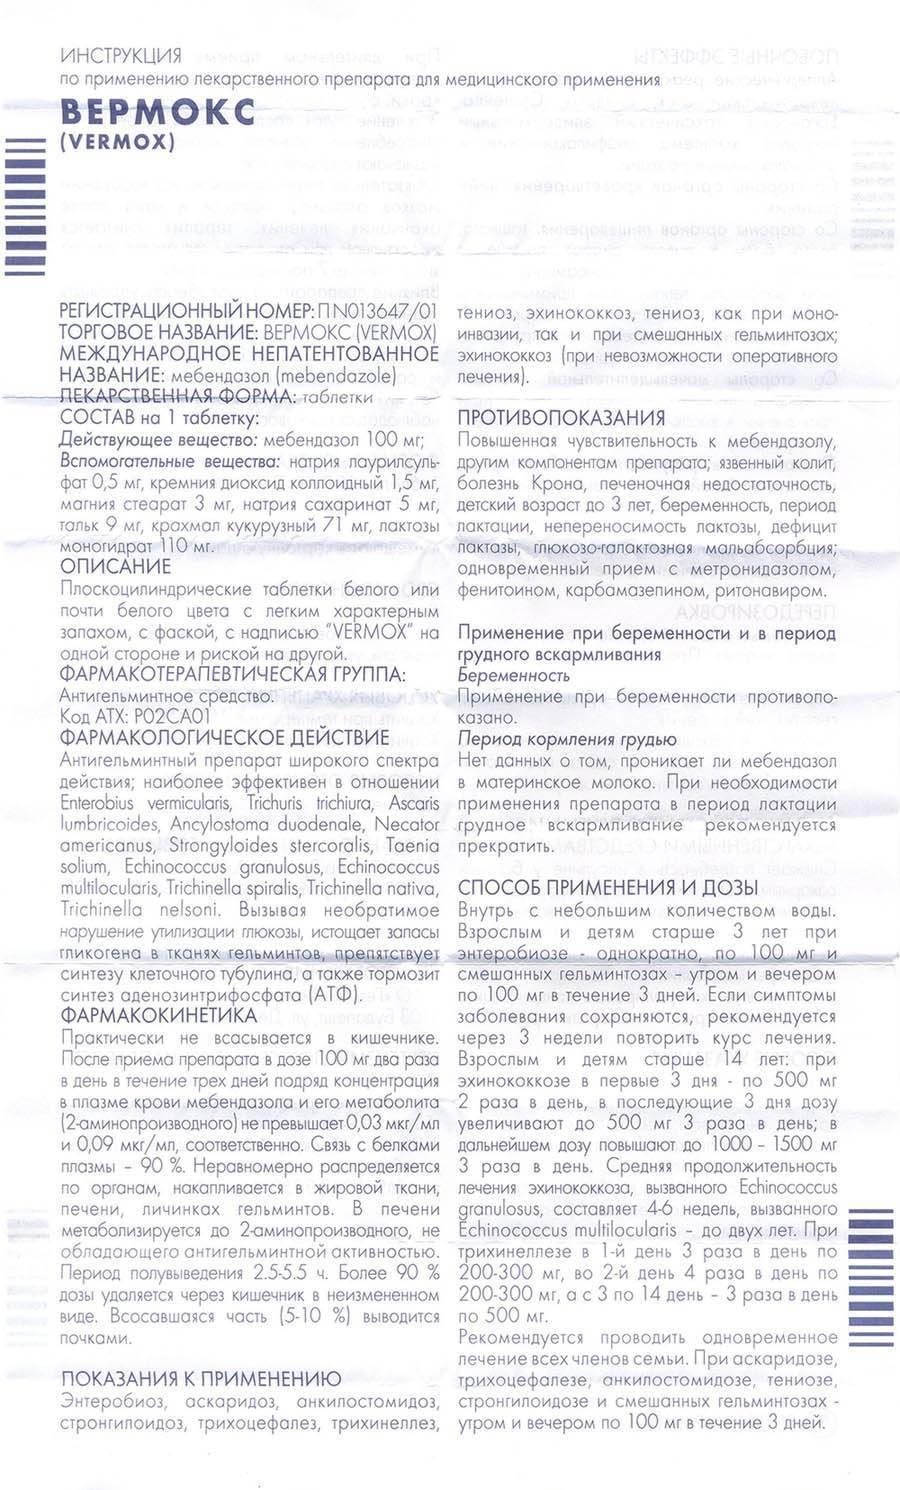 Имудон: инструкция по применению, показания, противопоказания, цены и отзывы